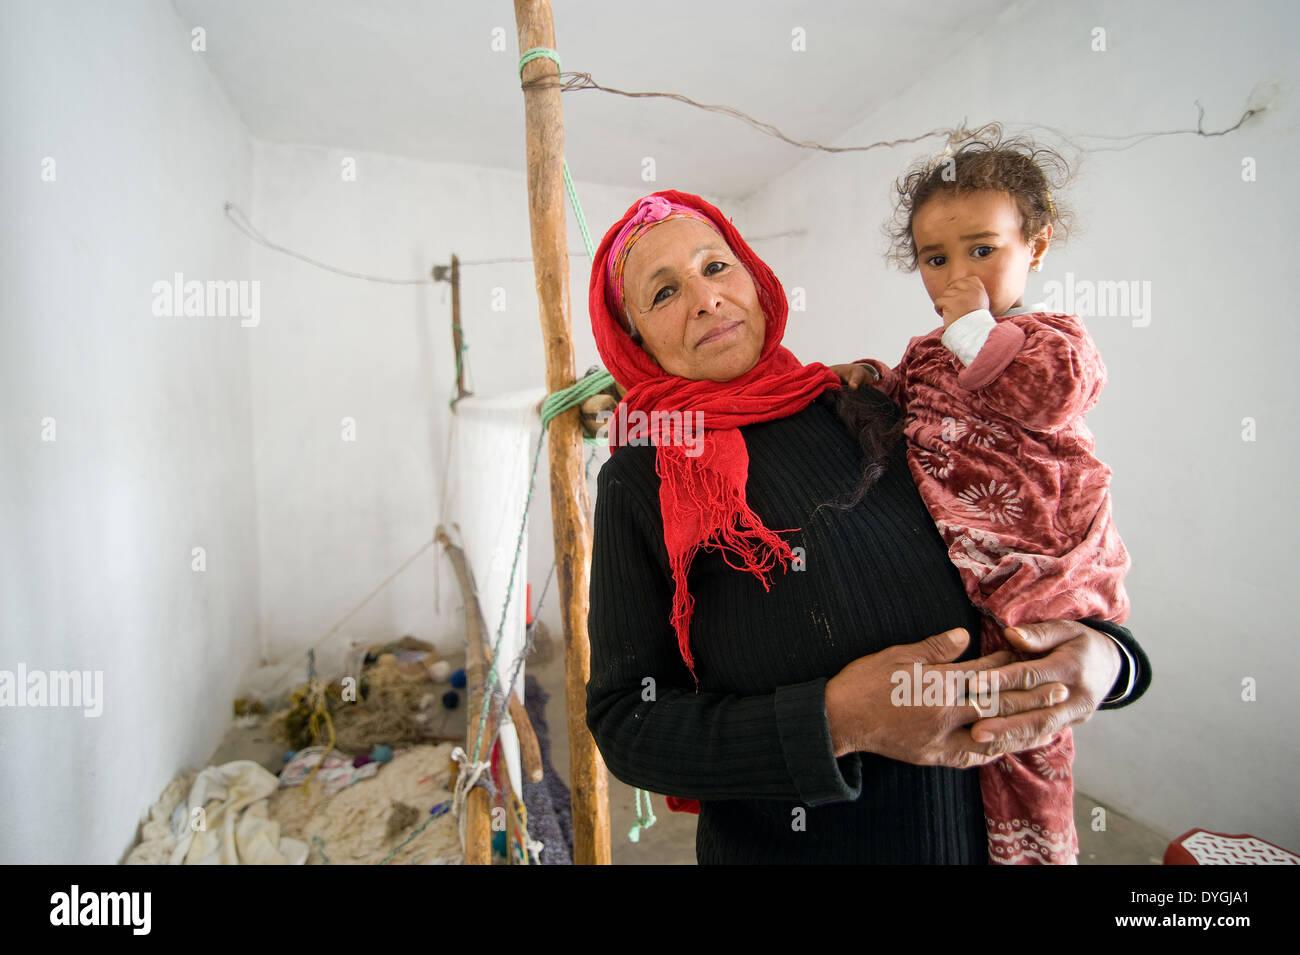 Leben Im Zelt Ohne Heizung Und Fließendes Wasser : Woman child poor village in stockfotos